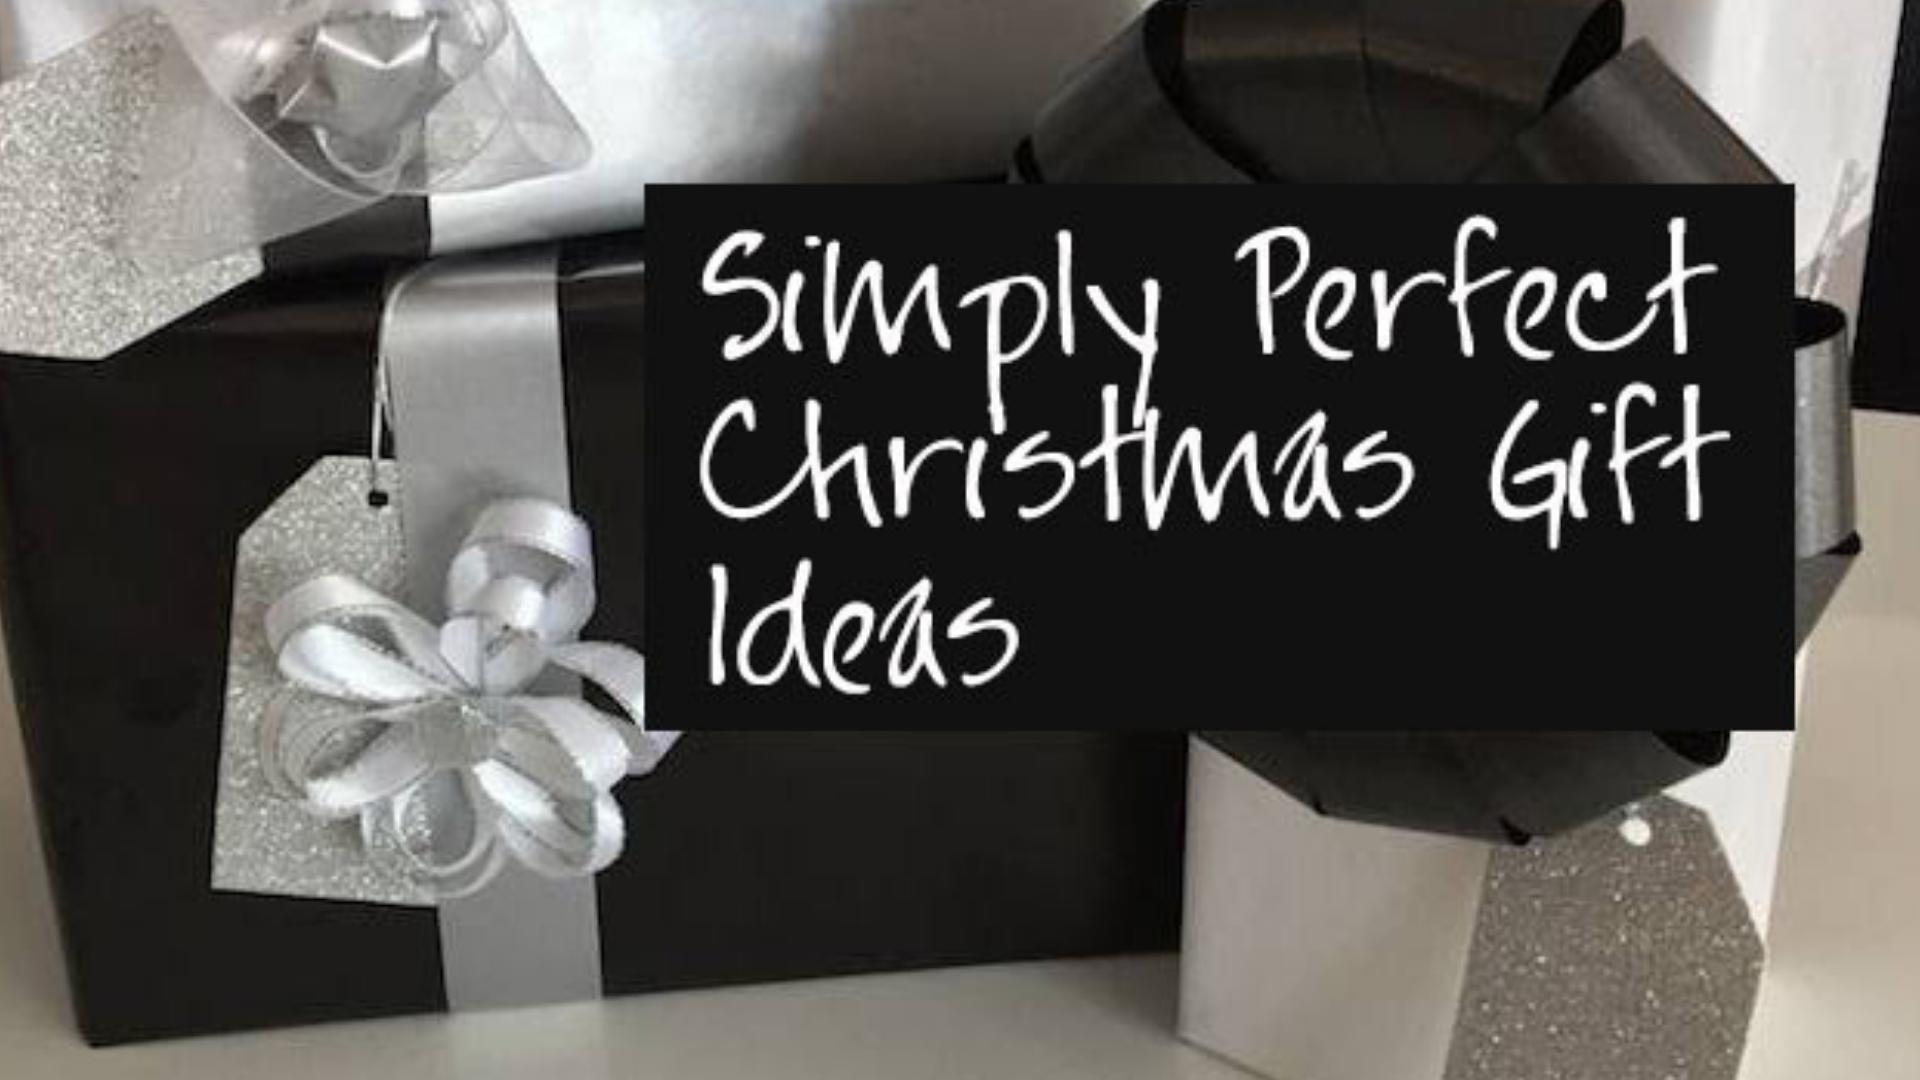 Orb Christmas Gift Ideas